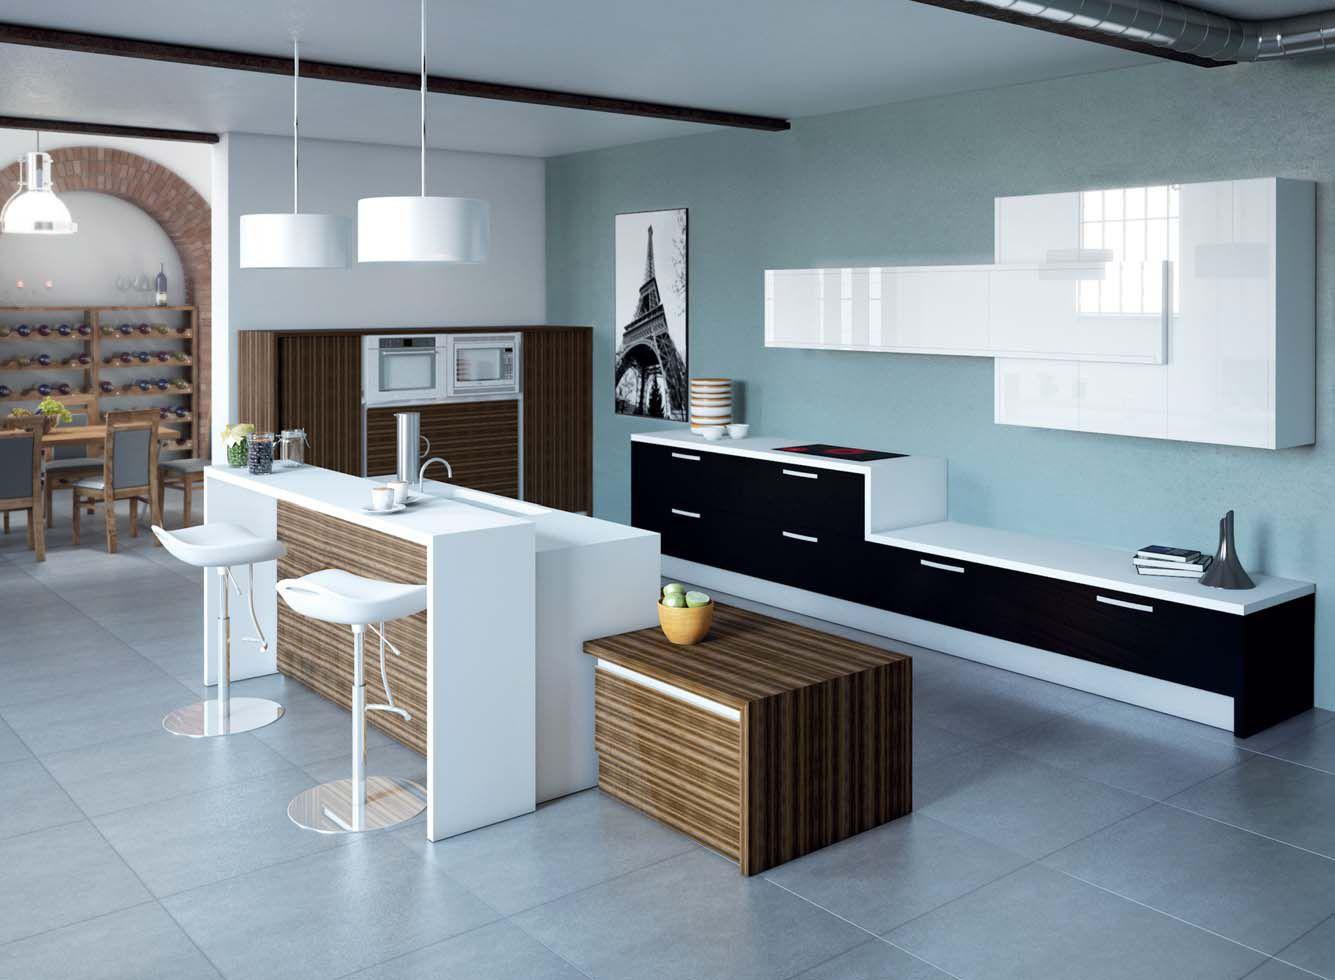 Cocina 68 cocinas capis dise o y fabricaci n de cocinas for Configurador cocinas